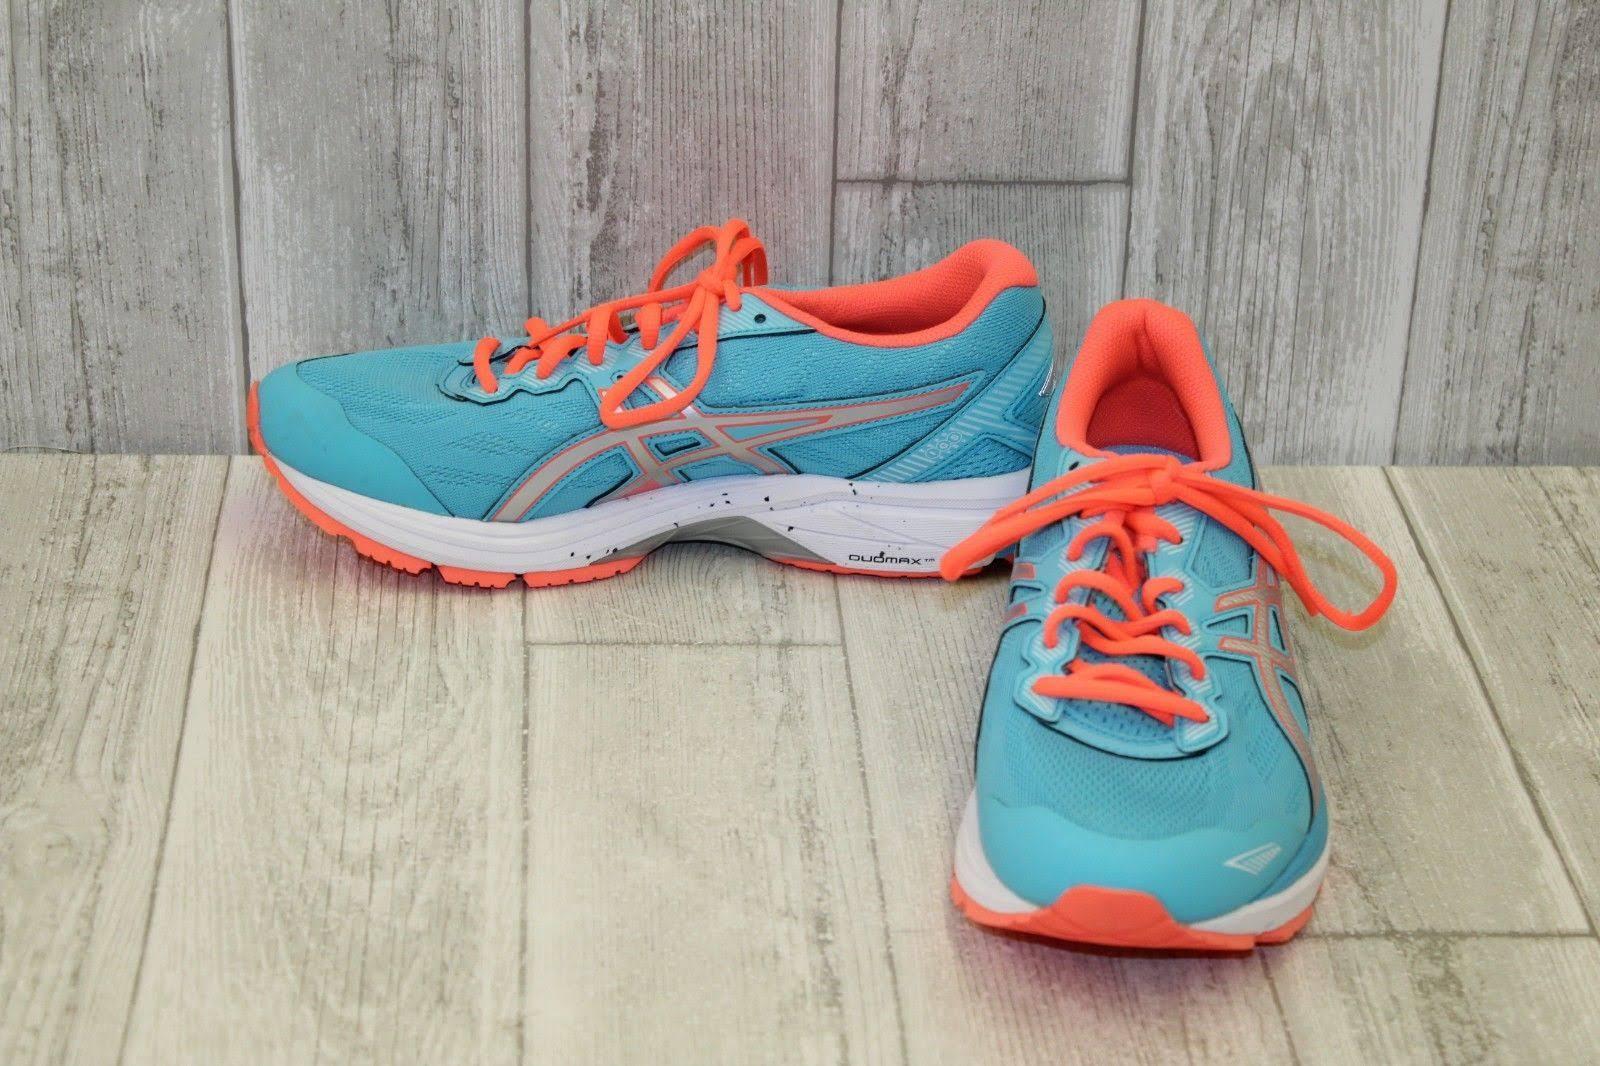 Tamaño 1000 Mujer Gt Zapatillas 5 Coral 9 D Atléticas Plata Acuario Asics tqwUUXY